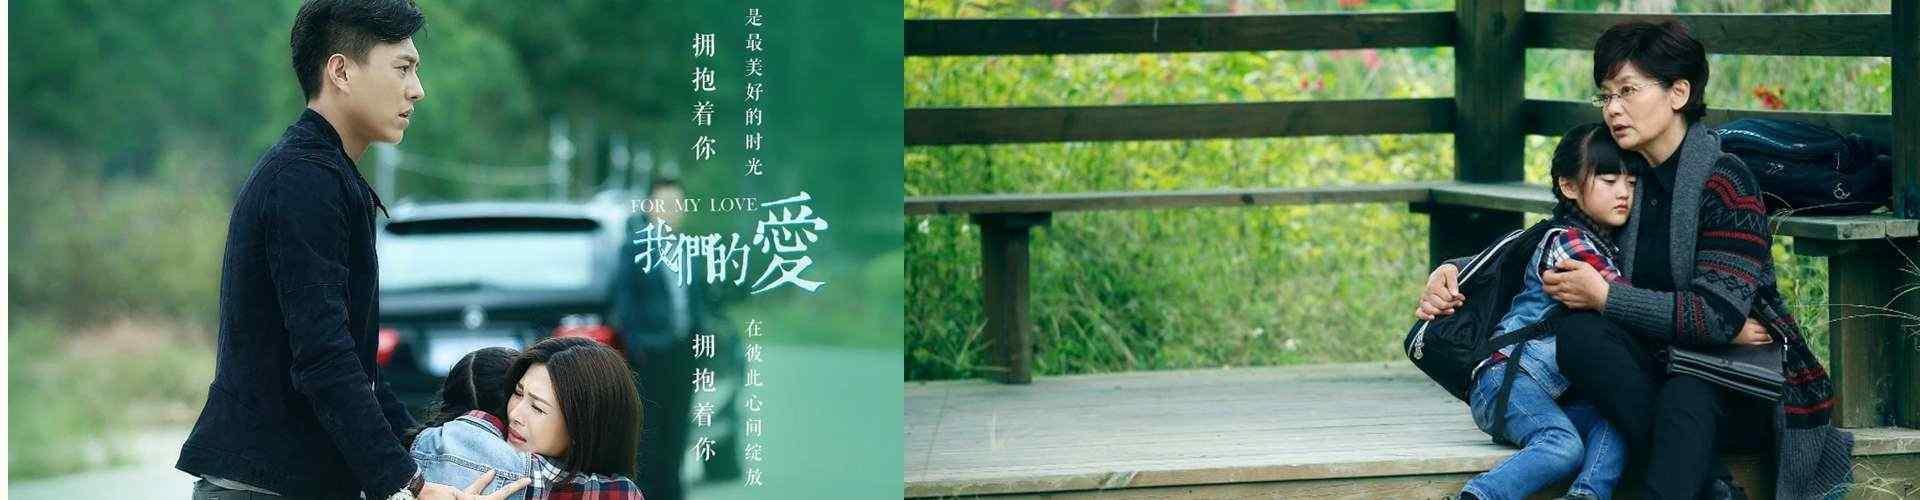 我们的爱_我们的爱剧照图片_靳东图片、童蕾图片_影视壁纸